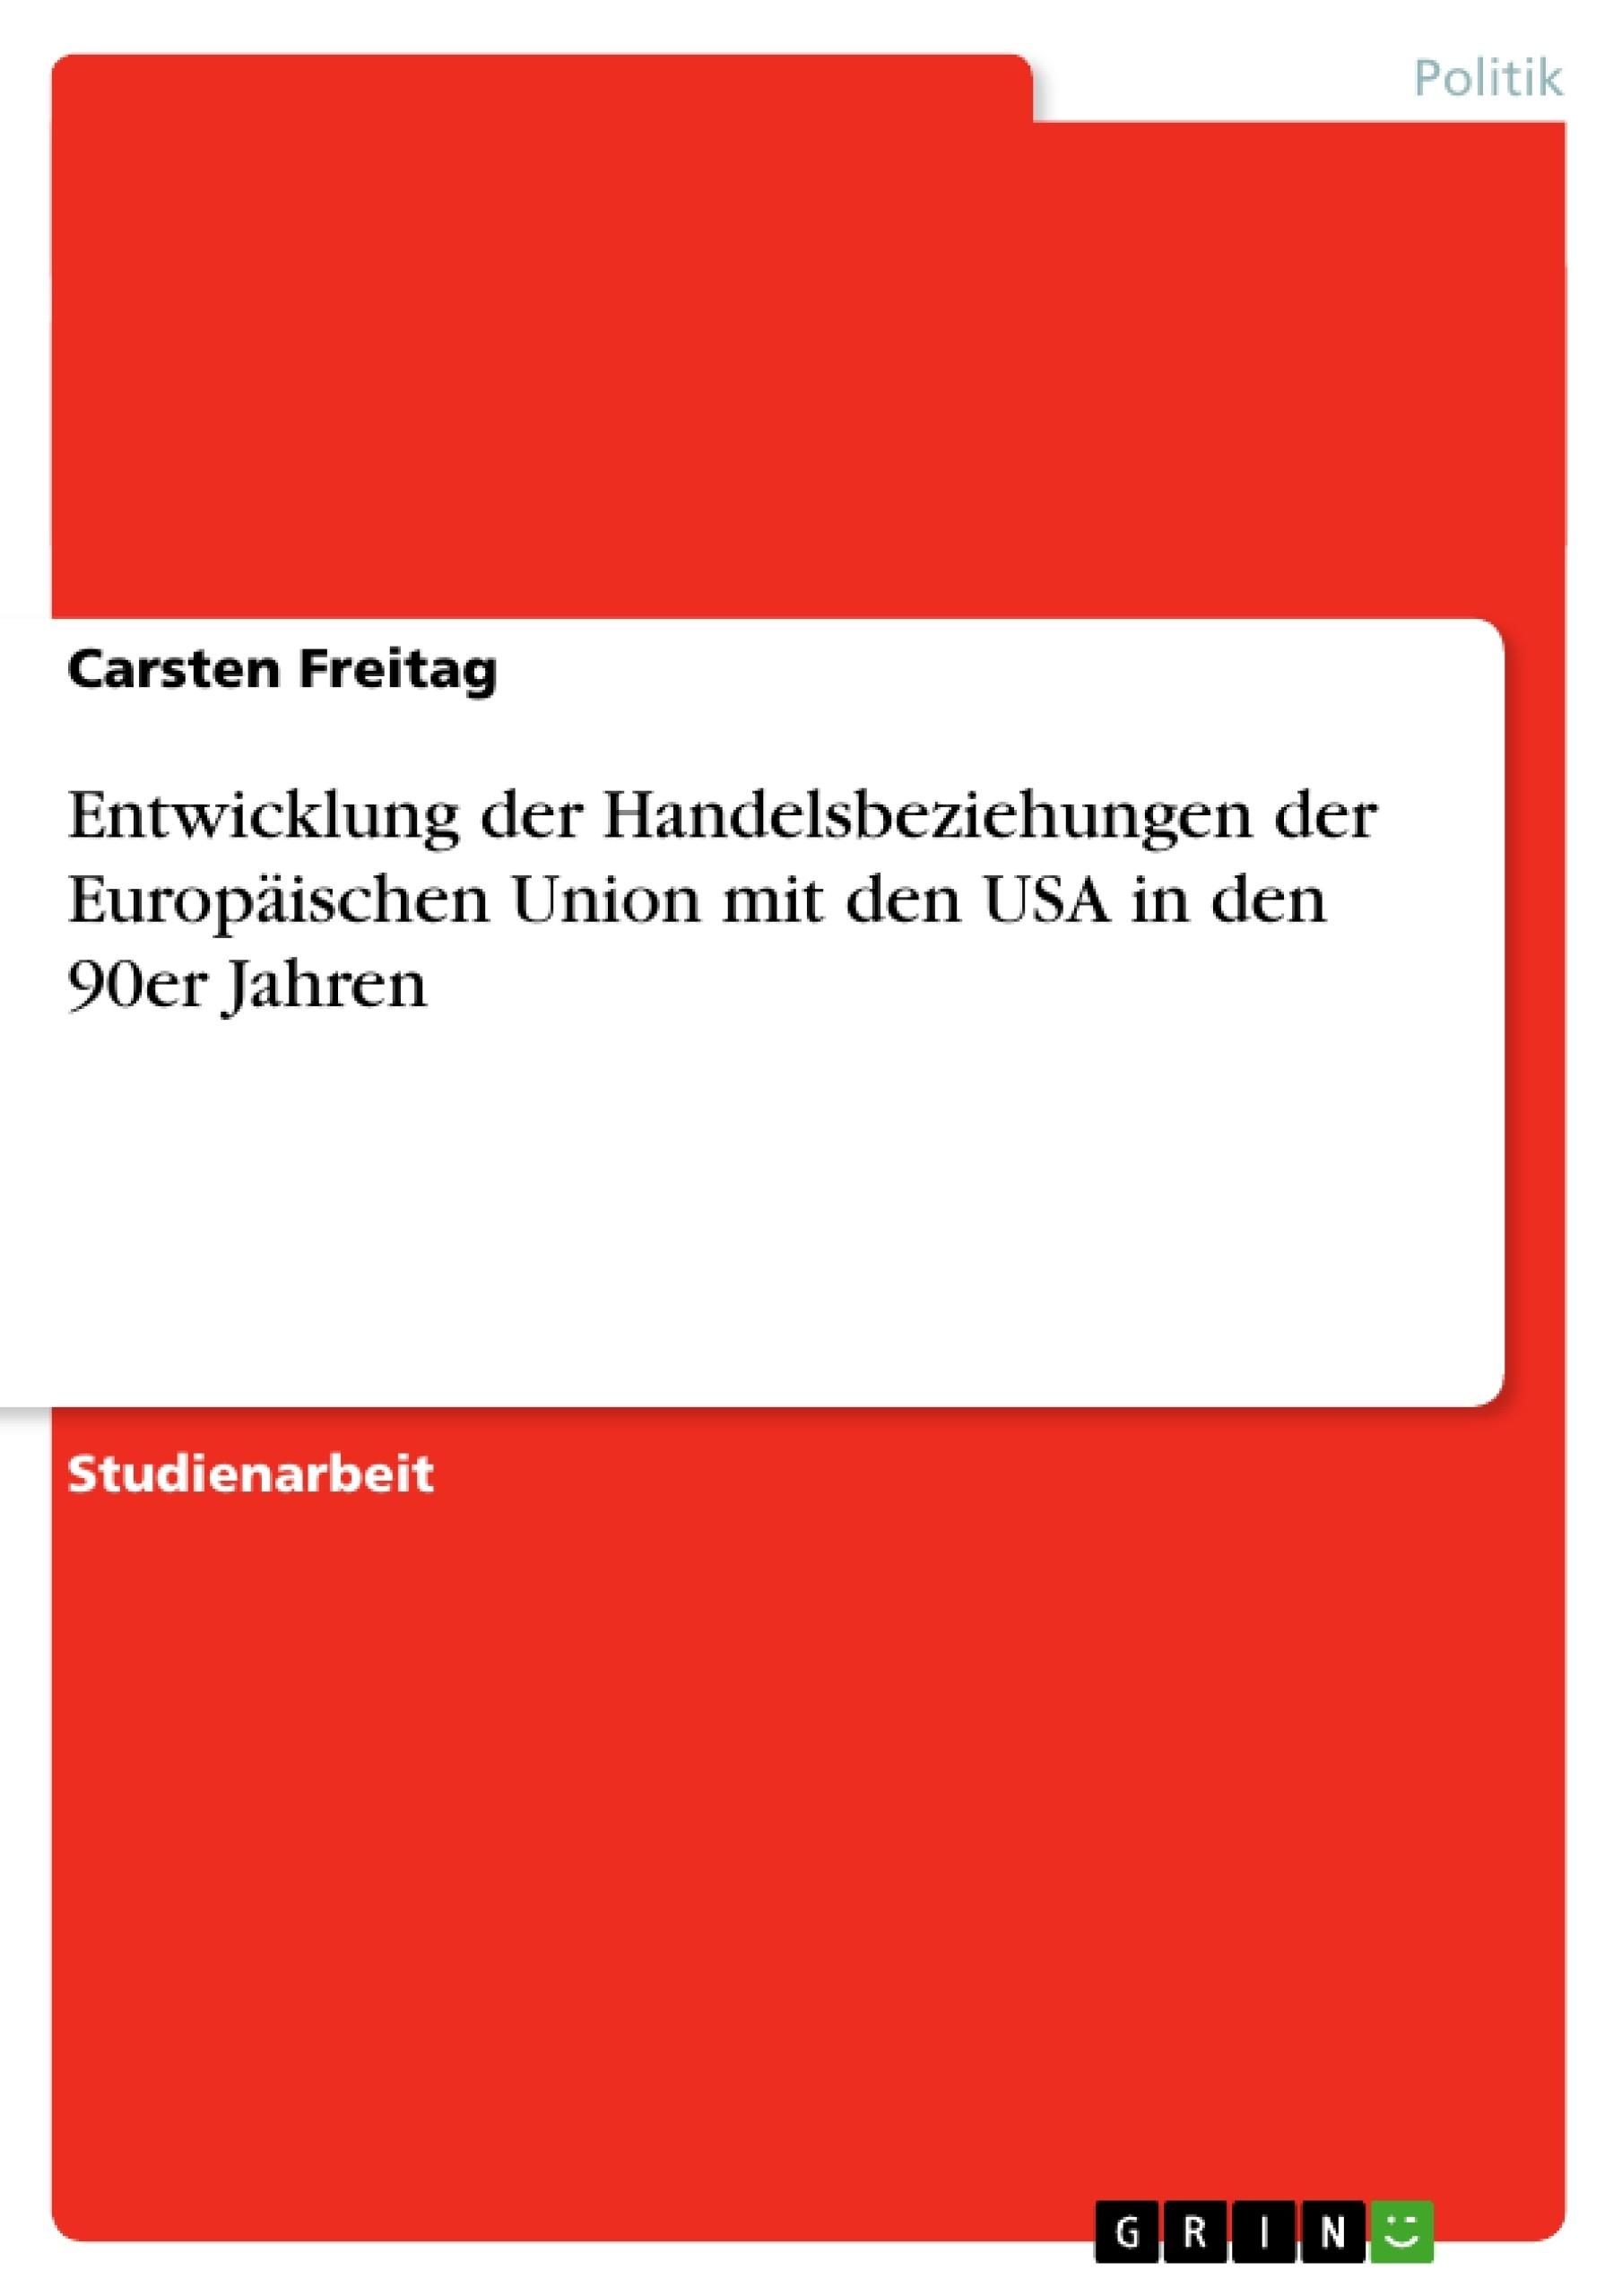 Titel: Entwicklung der Handelsbeziehungen der Europäischen Union mit den USA in den 90er Jahren